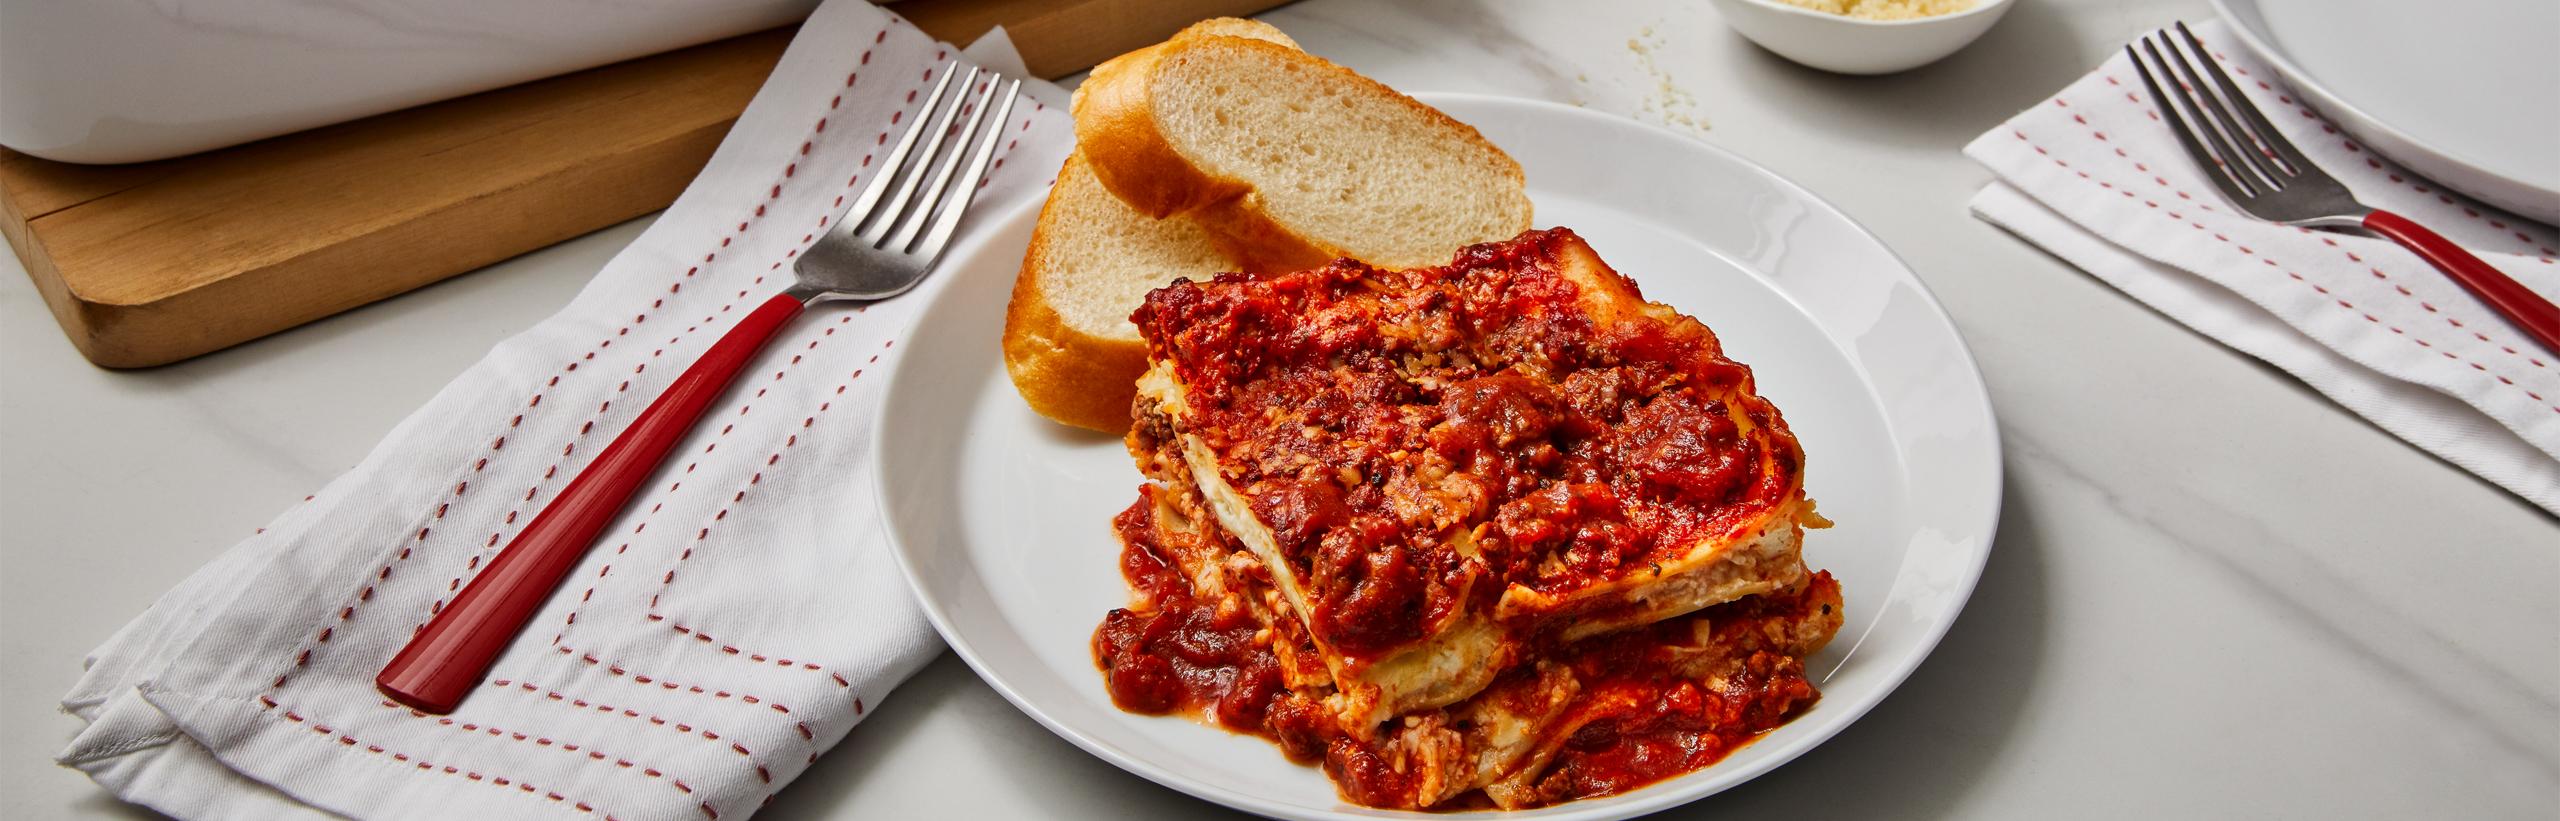 Classic Lasagna Prego Pasta Sauces